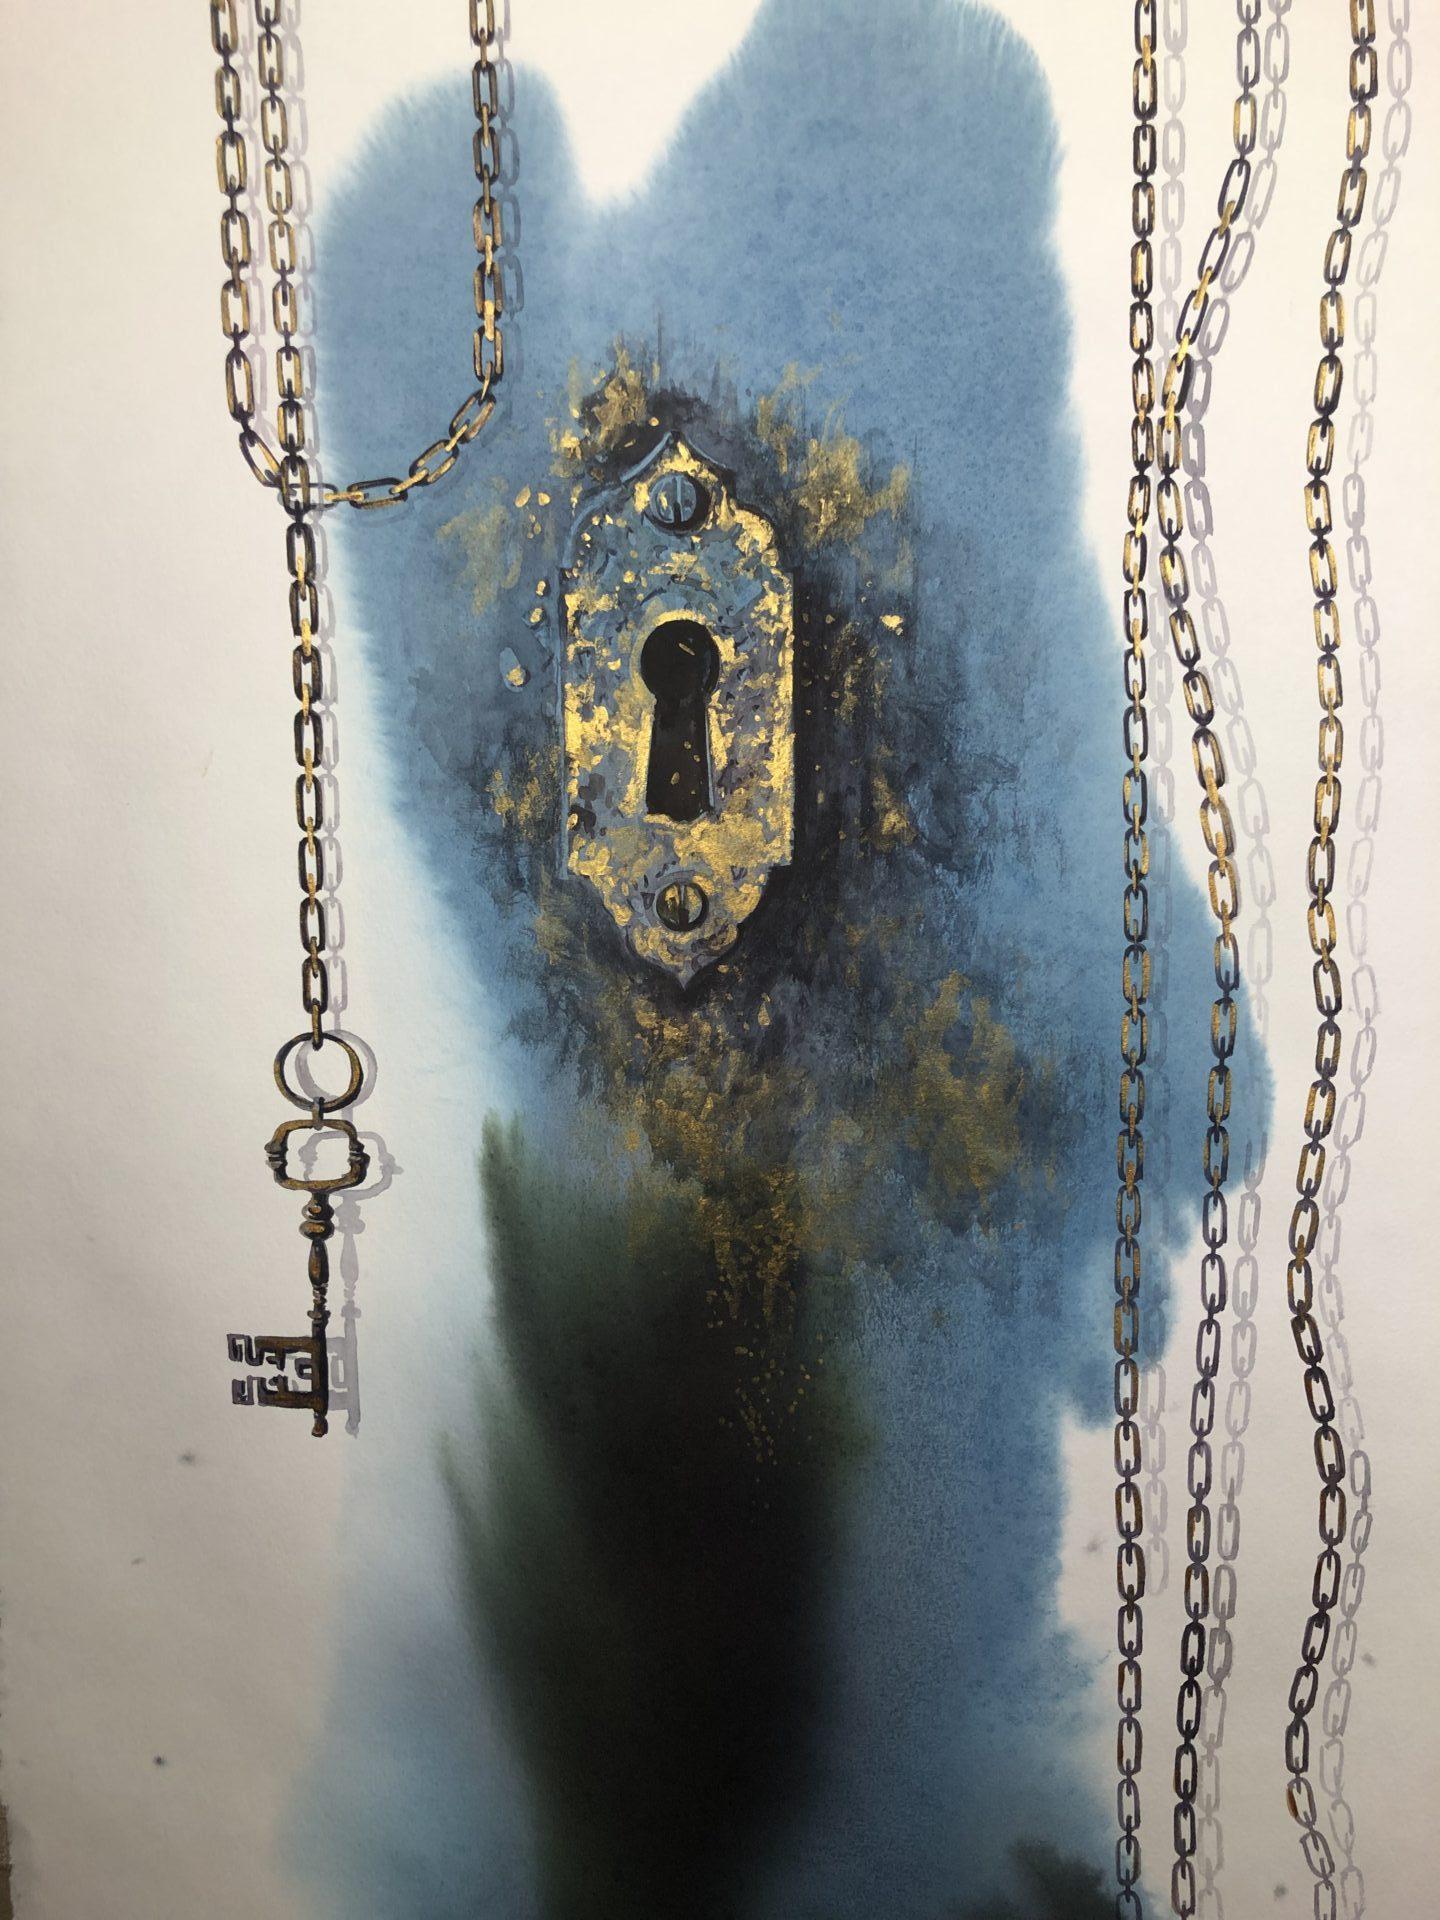 The Key to Paradise,Watercolor, 56x76cm,Klíč do ráje